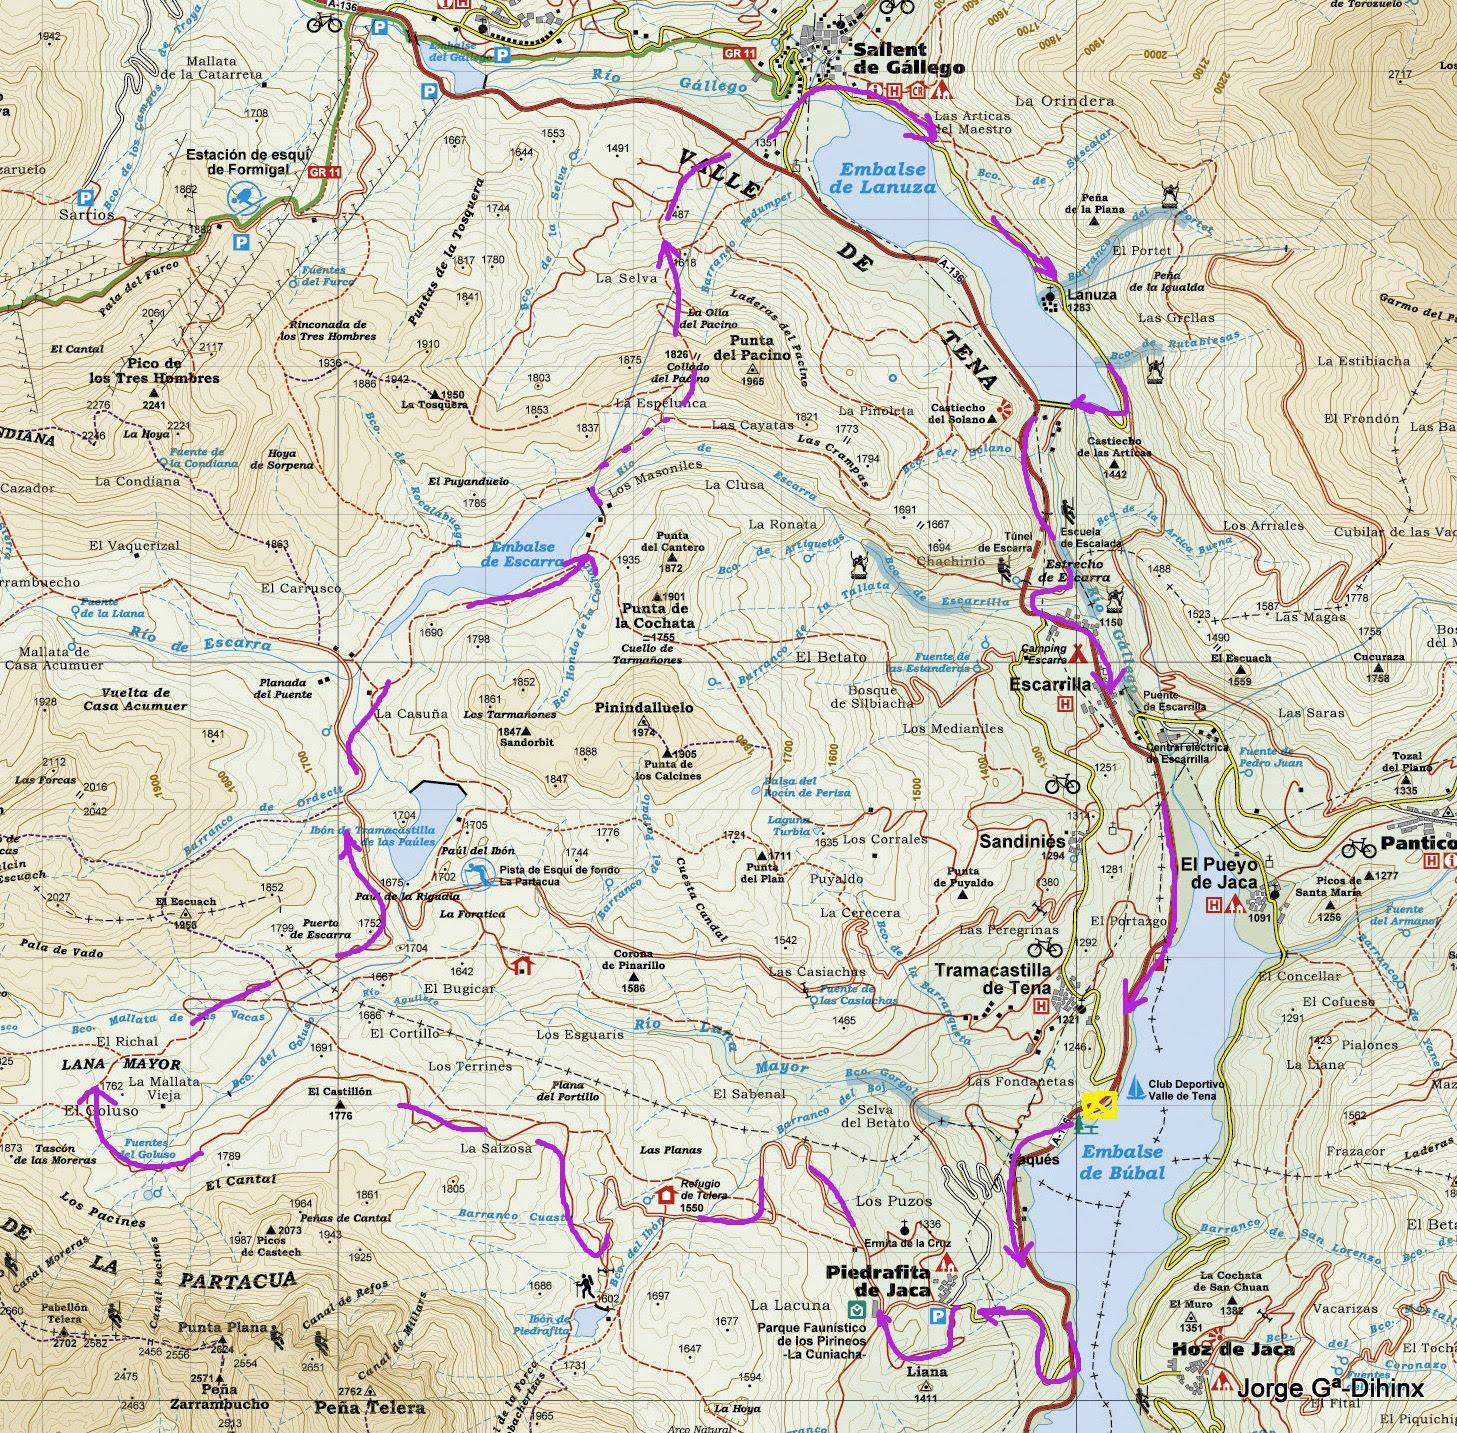 Valle De Tena Mapa.La Meteo Que Viene Btt En Valle Tena Dia 2 Piedrafita